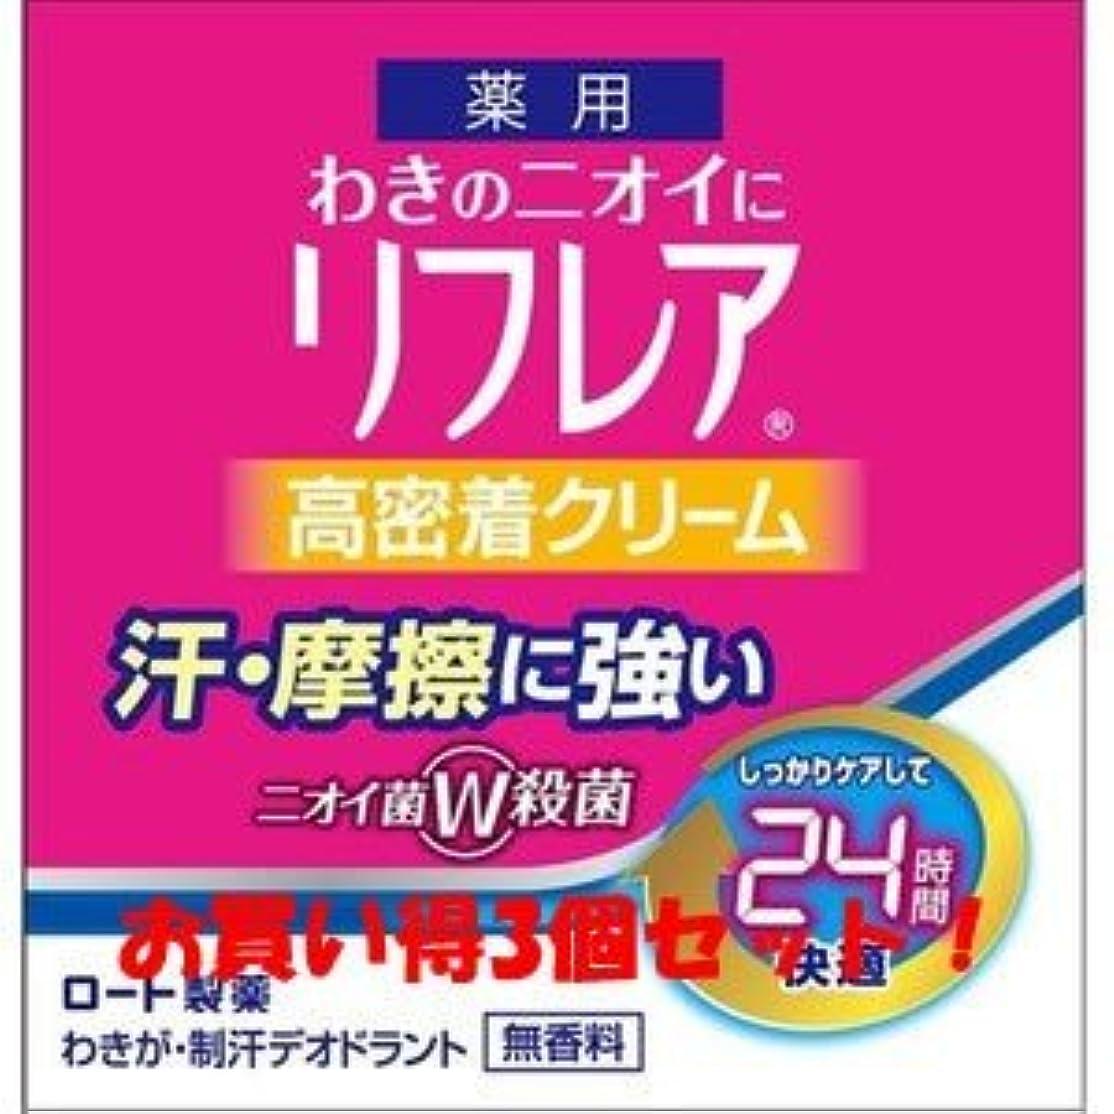 無人駅子供時代(ロート製薬)メンソレータム リフレア デオドラントクリーム 55g(医薬部外品)(お買い得3個セット)